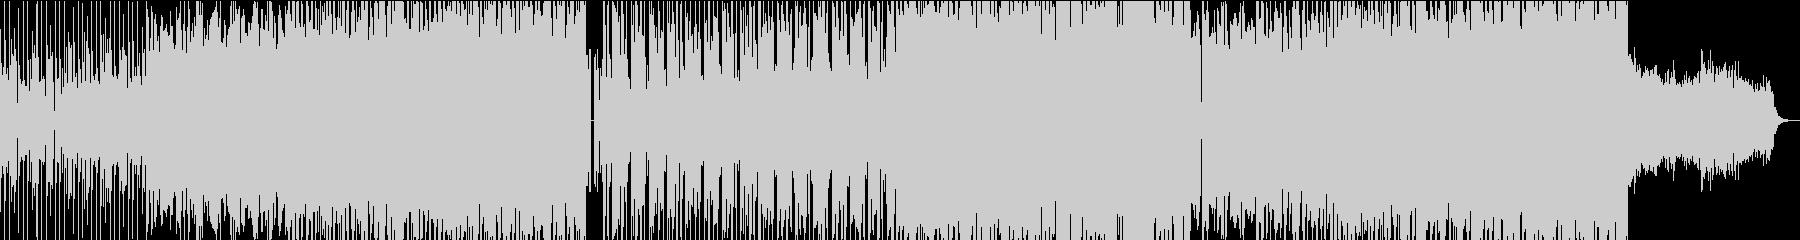 ラフで神秘的なレトロゲーム風サウンドの未再生の波形